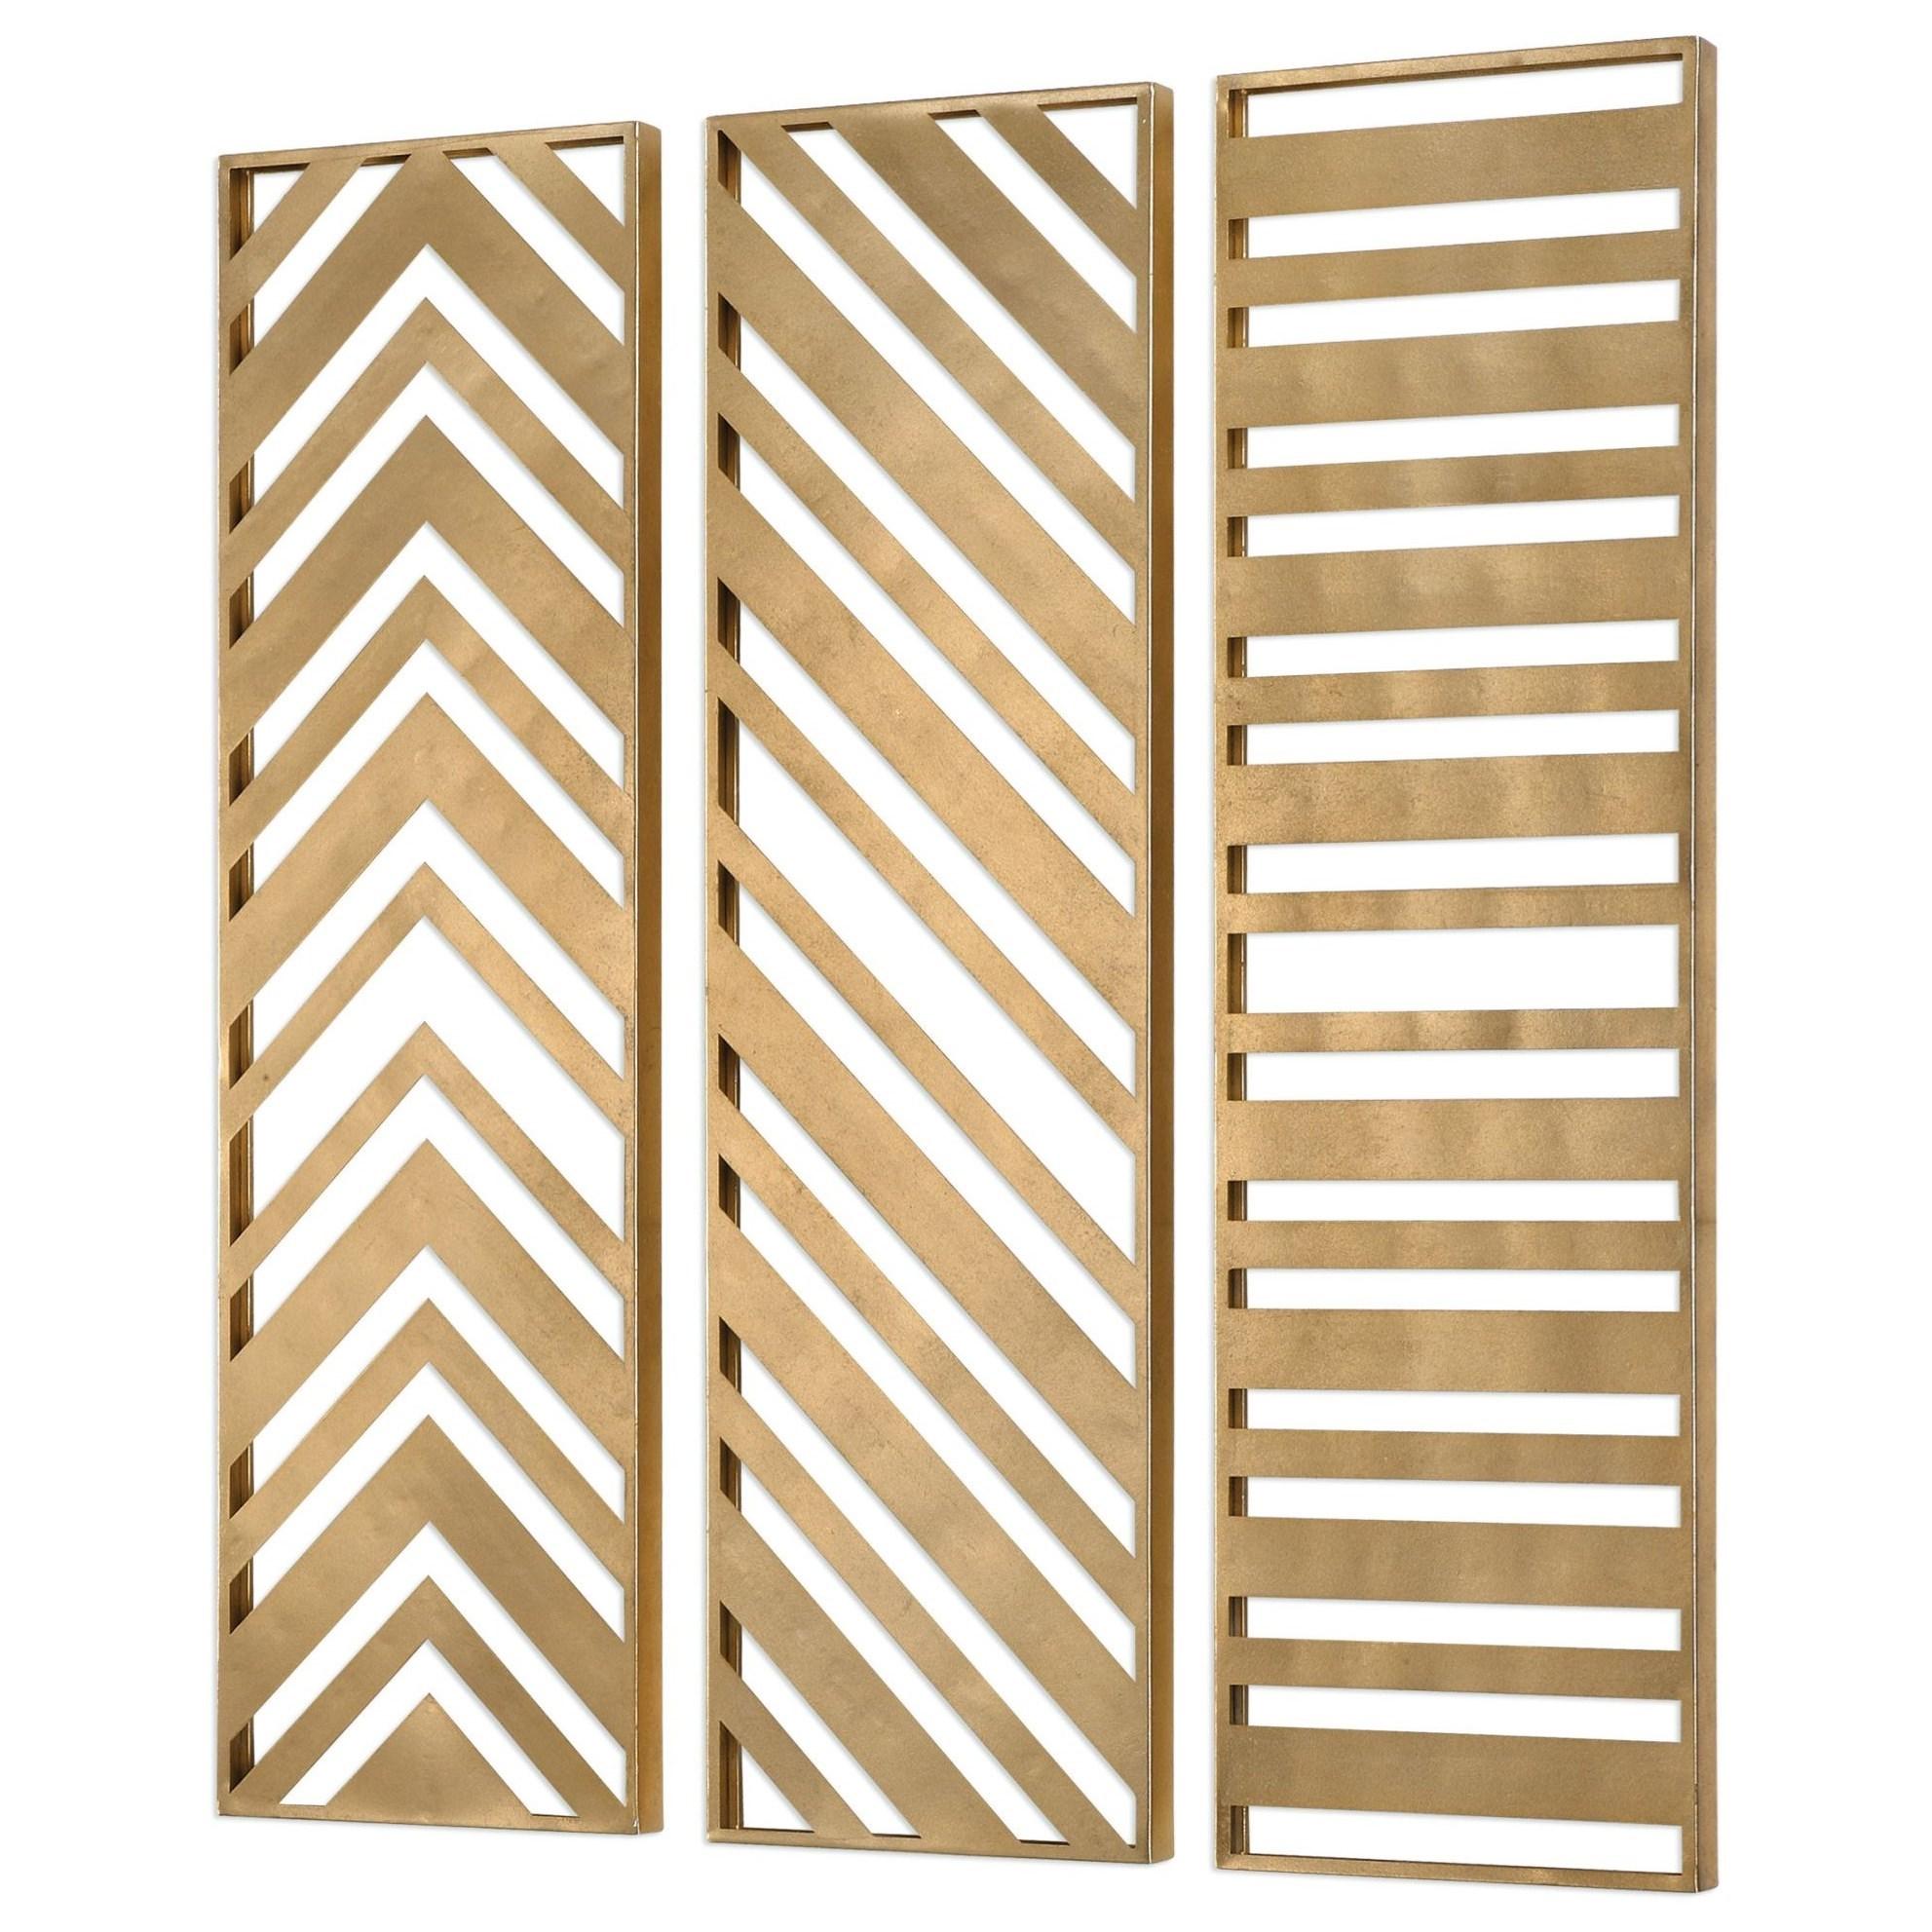 Zahara Gold Panels Set of 3